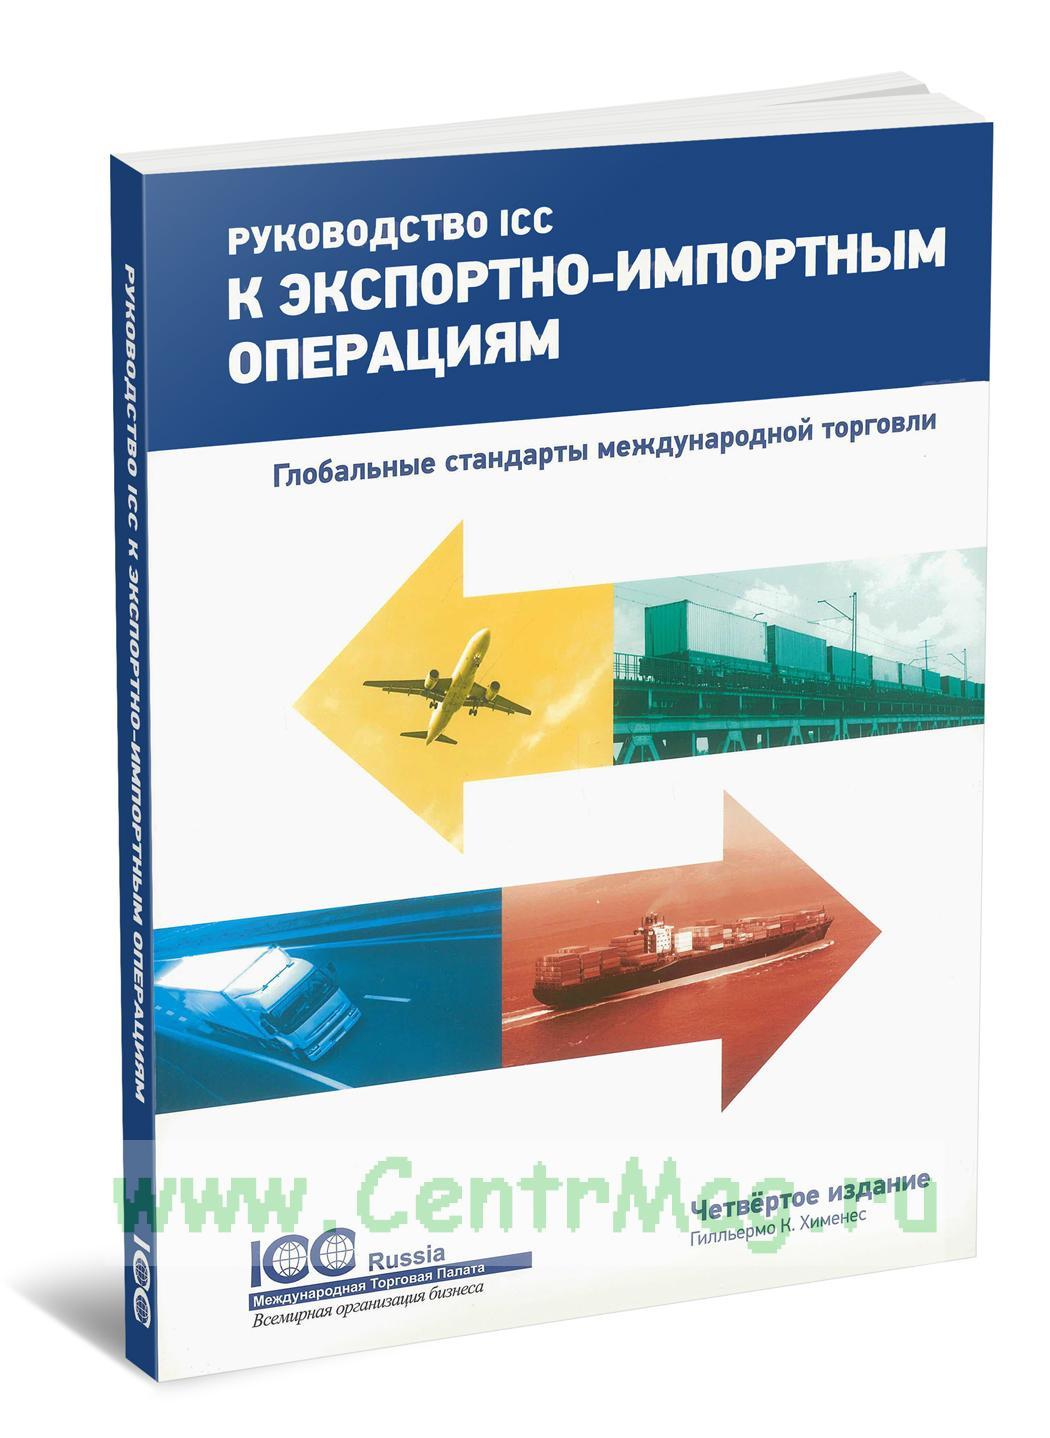 Руководство ICC к экспортно-импортным операциям. Глобальные стандарты международной торговли. Четвертое издание. Публикация ICC № 686R